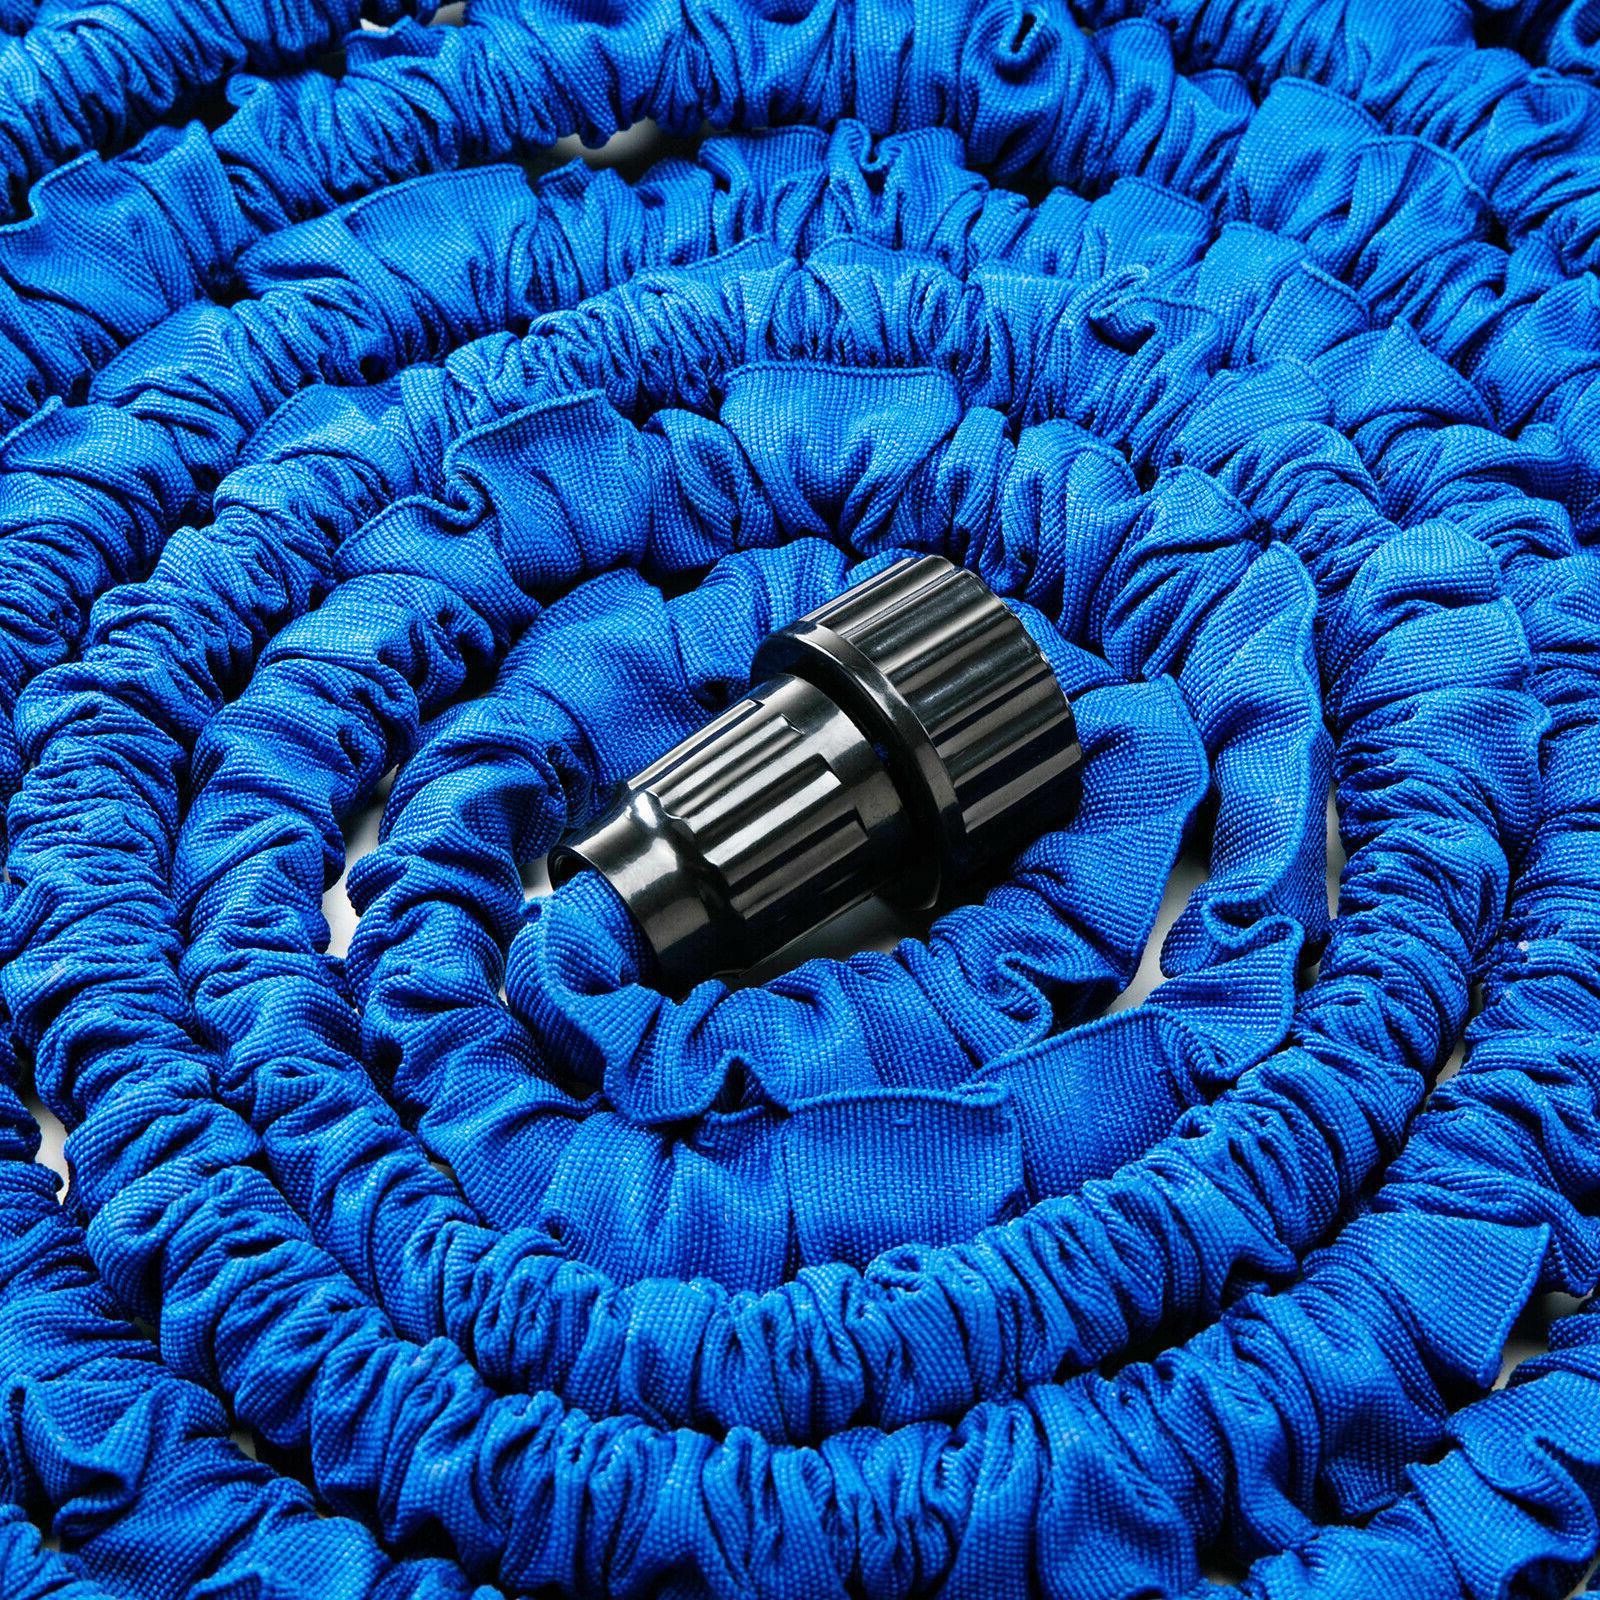 Deluxe 50 Flexible Garden Hose w/ Spray Nozzle Blue